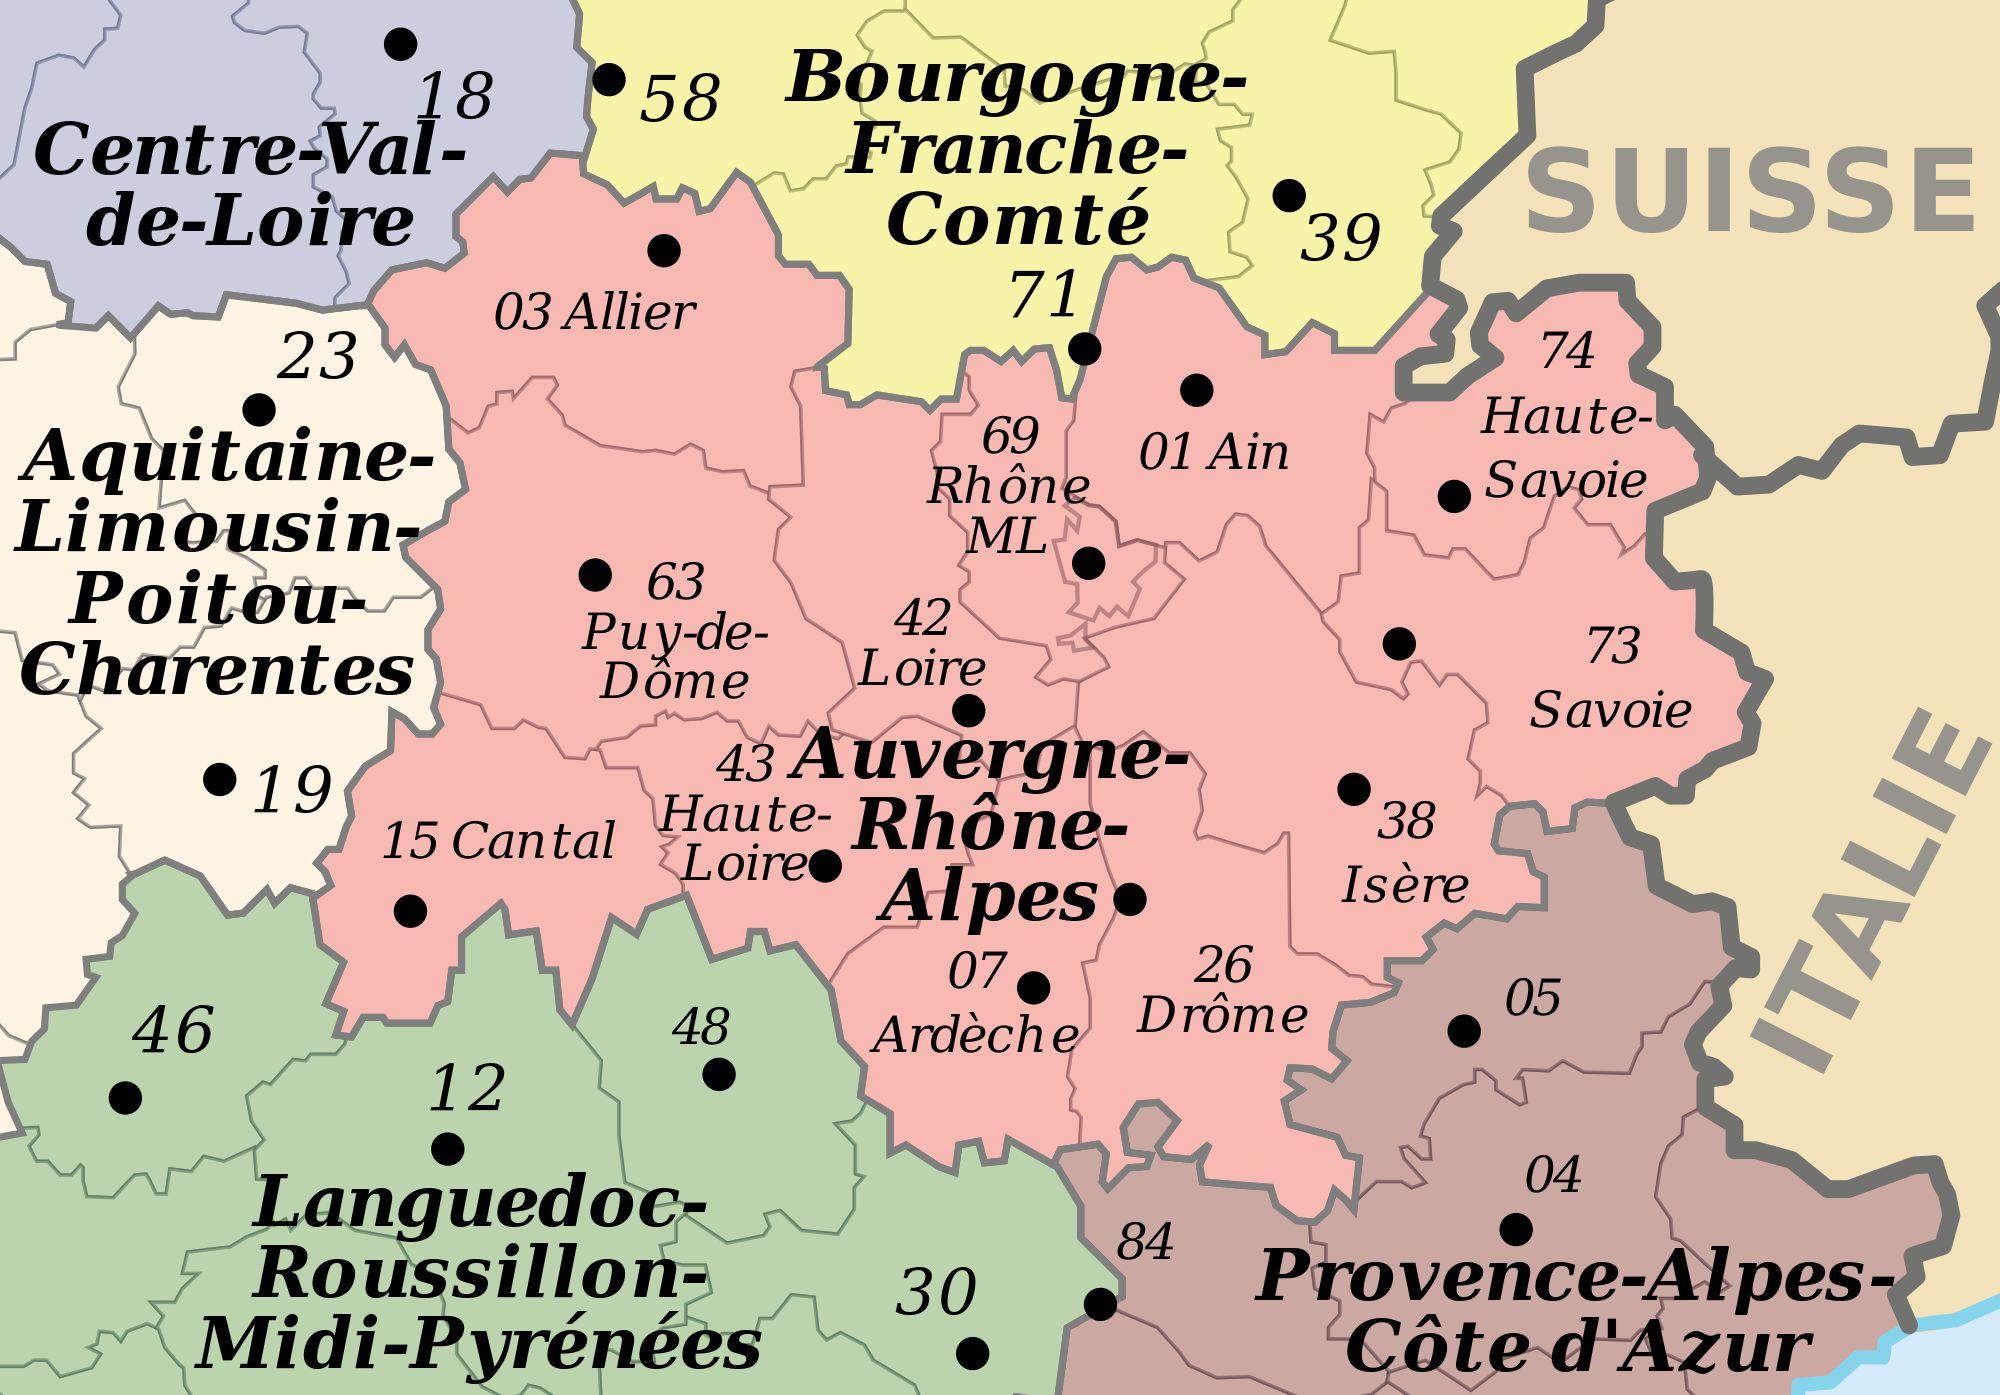 Carte des départements de l'Auvergne-Rhône-Alpes